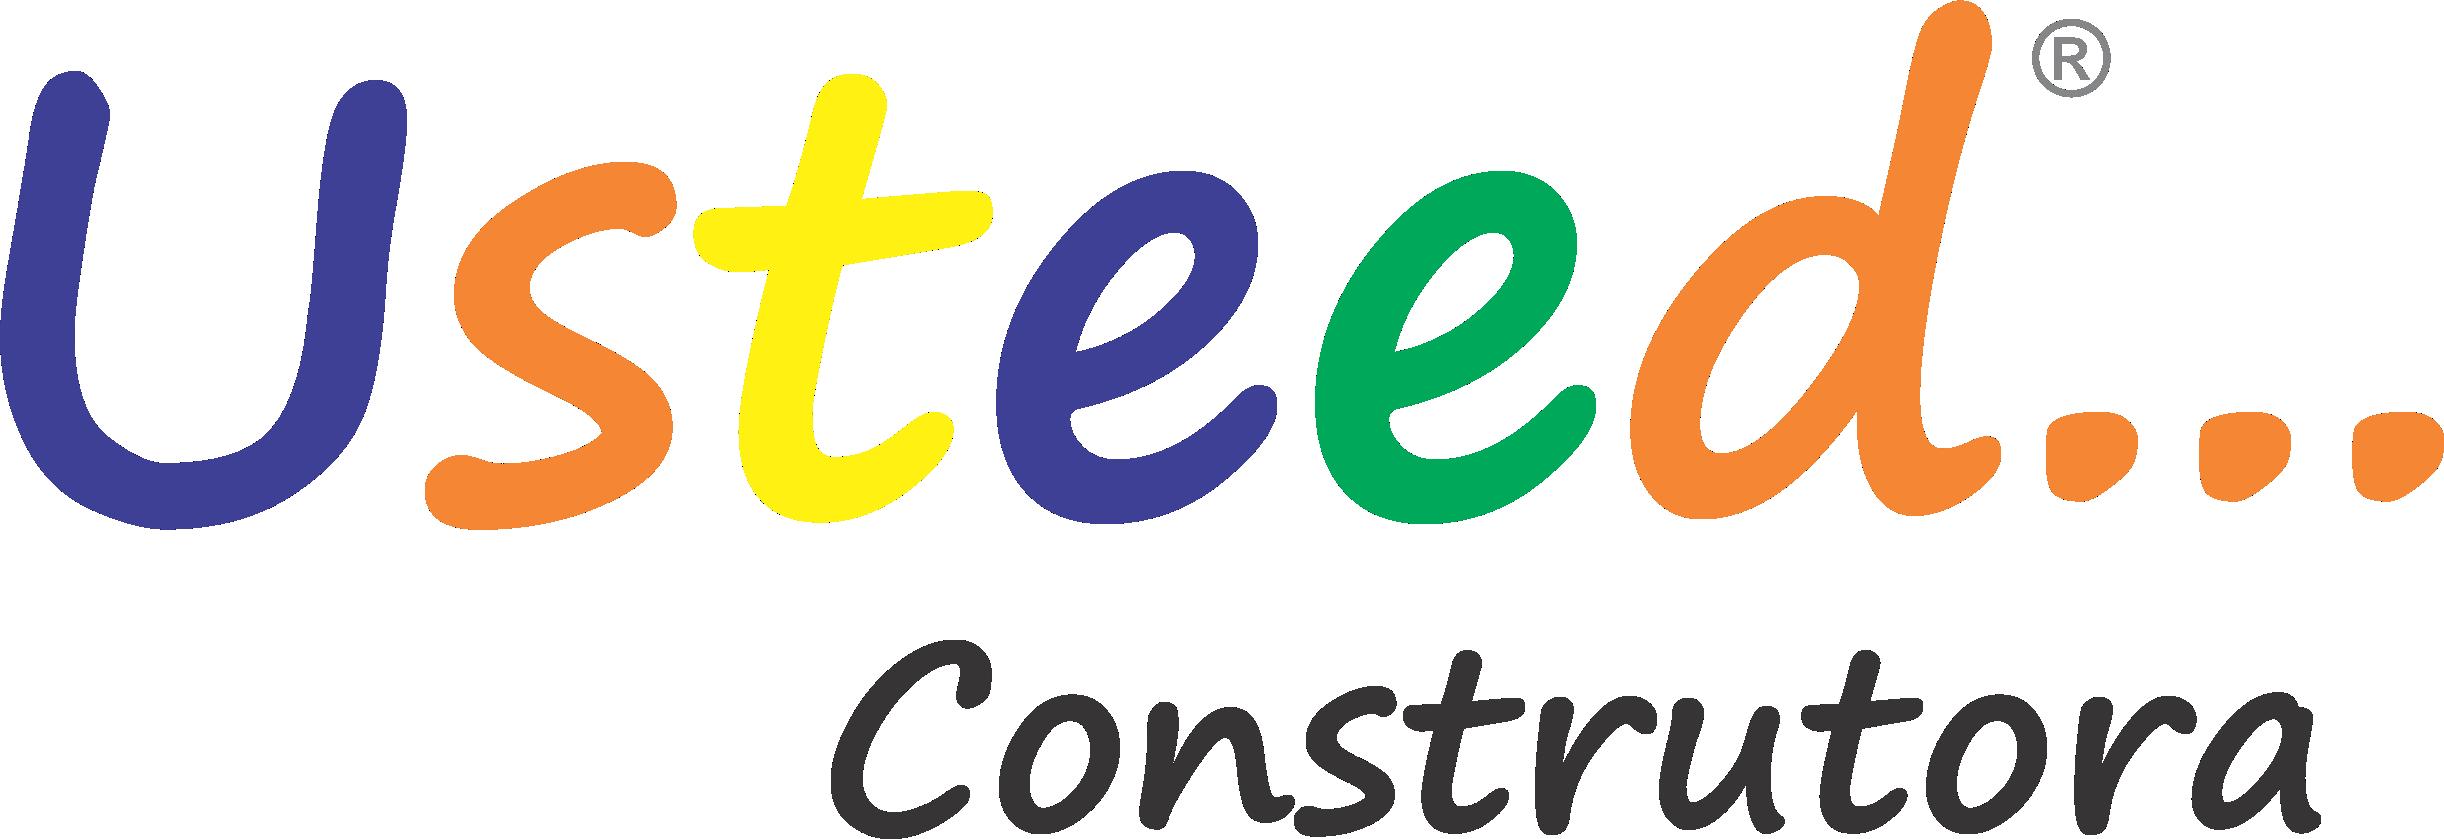 Usteed Construtora